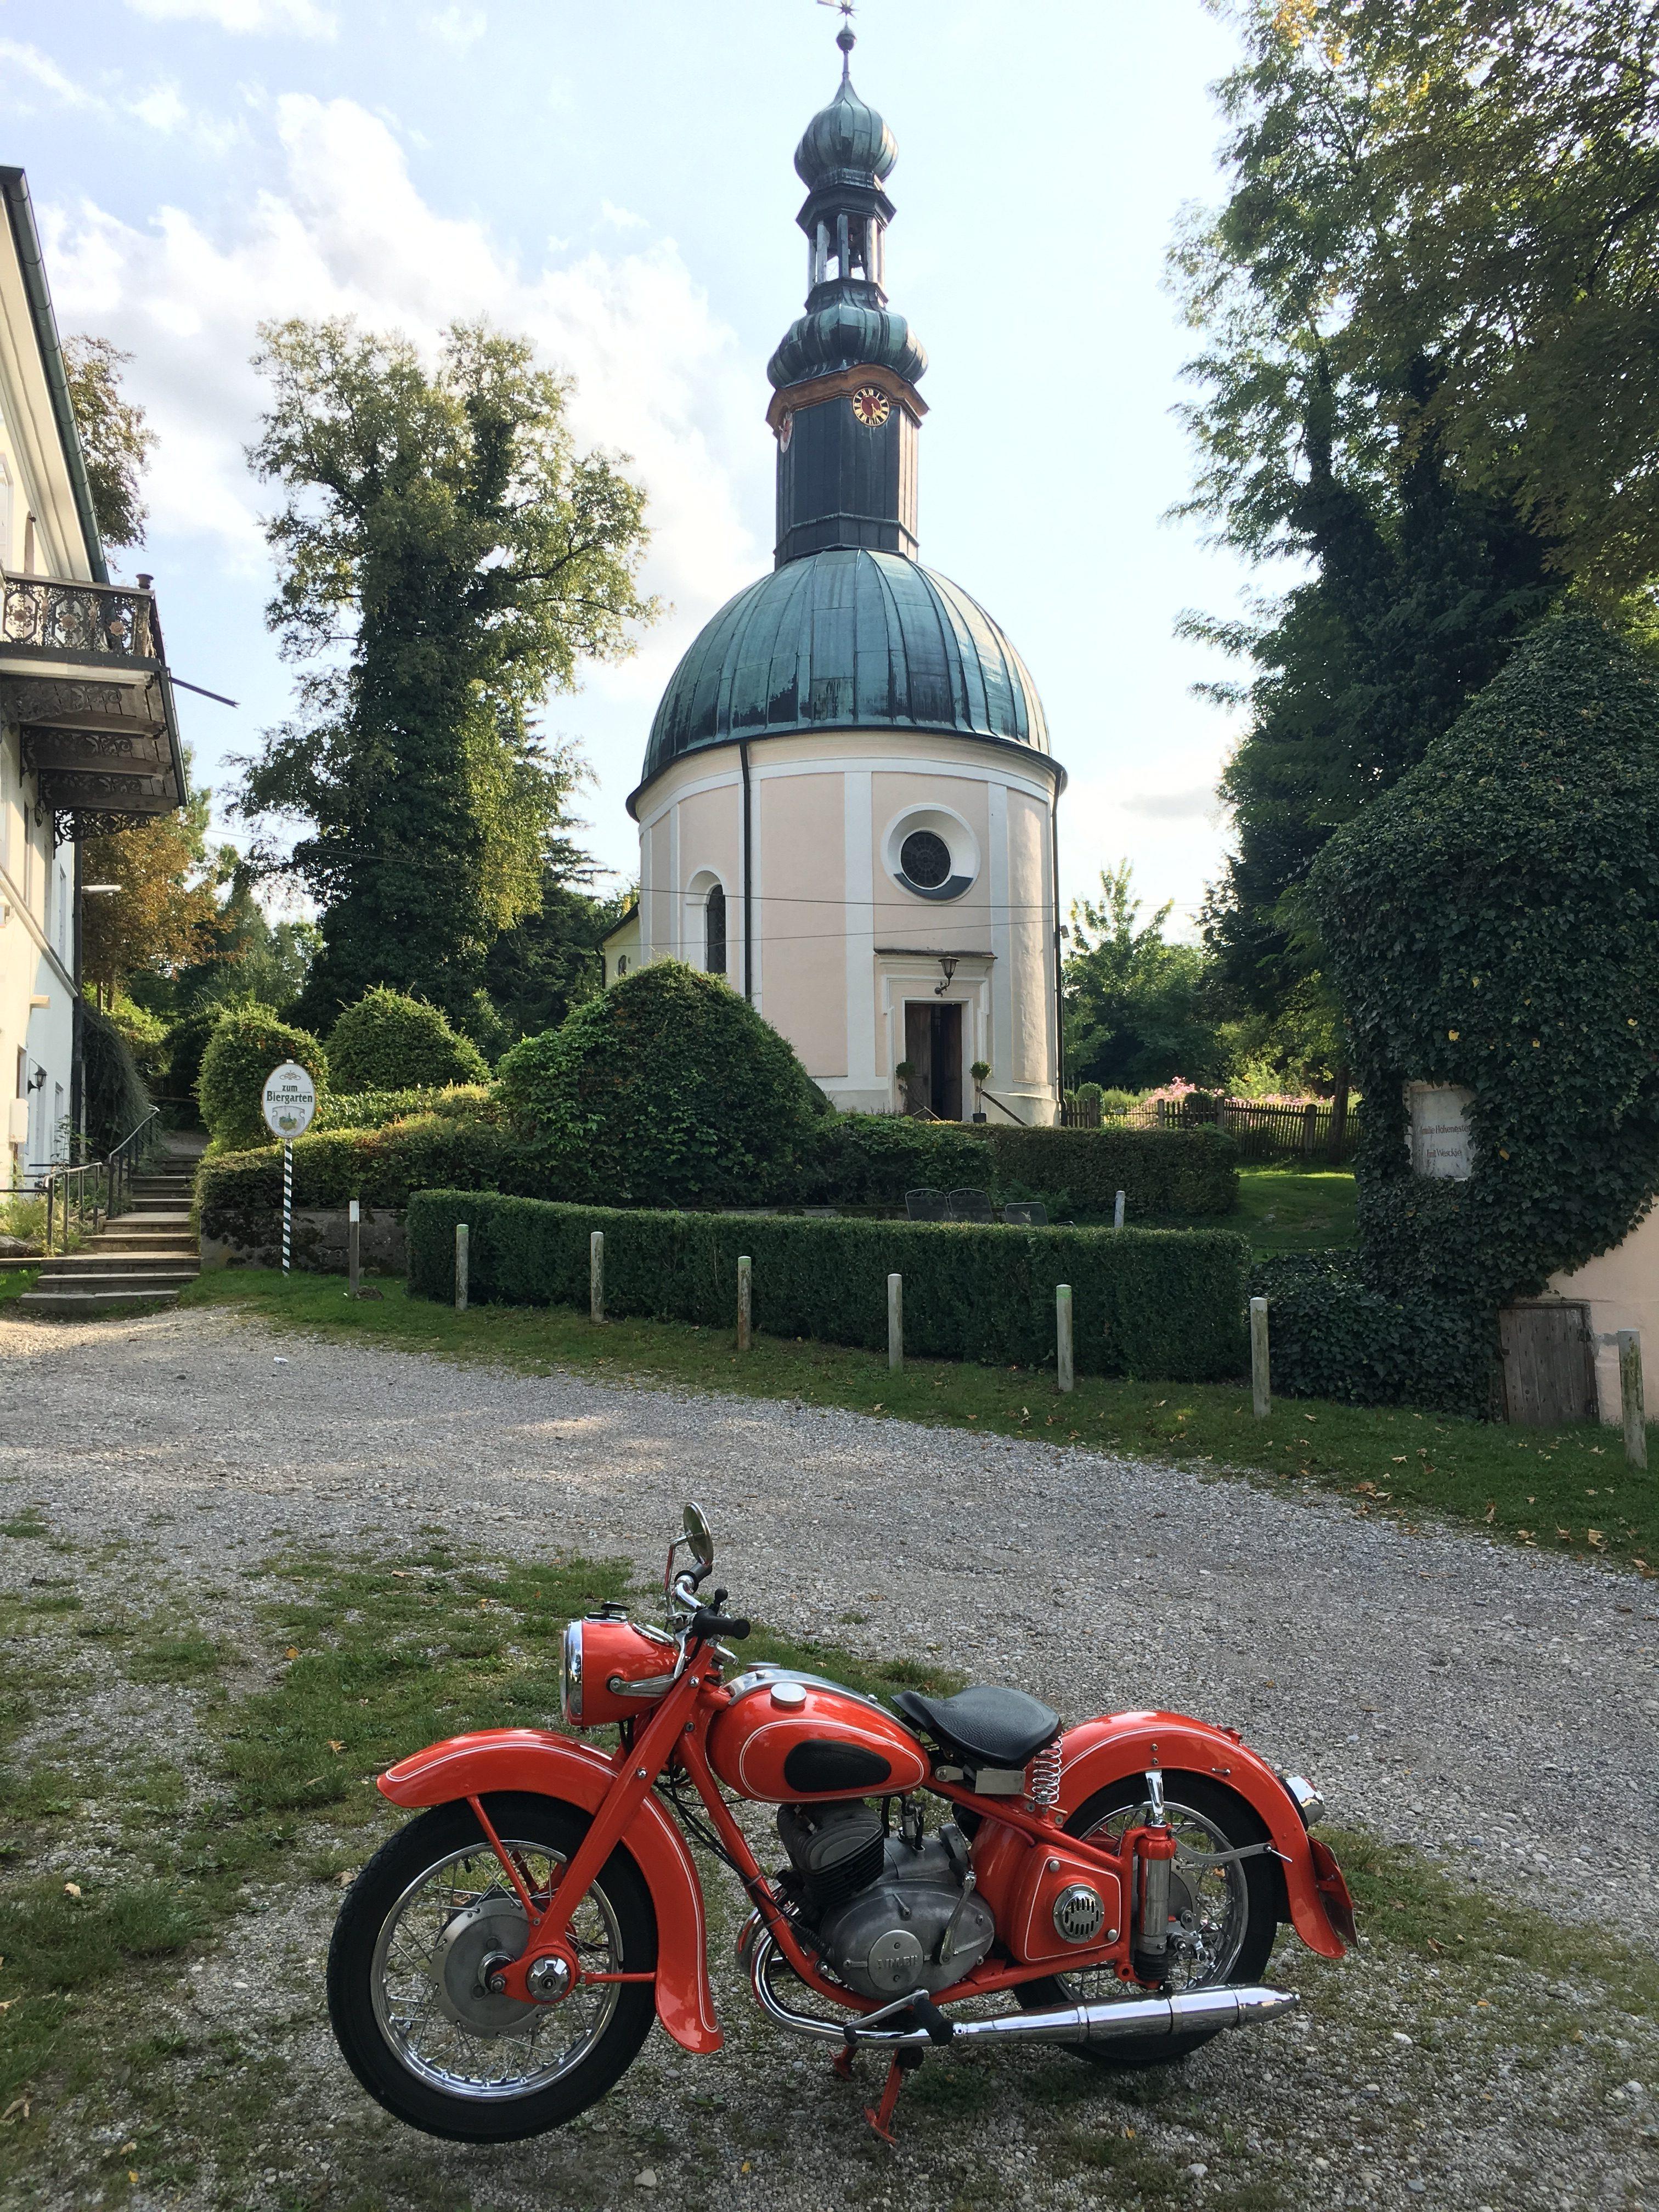 Meine Adler M200 vor der Wallfahrtskirche Mariabrunn